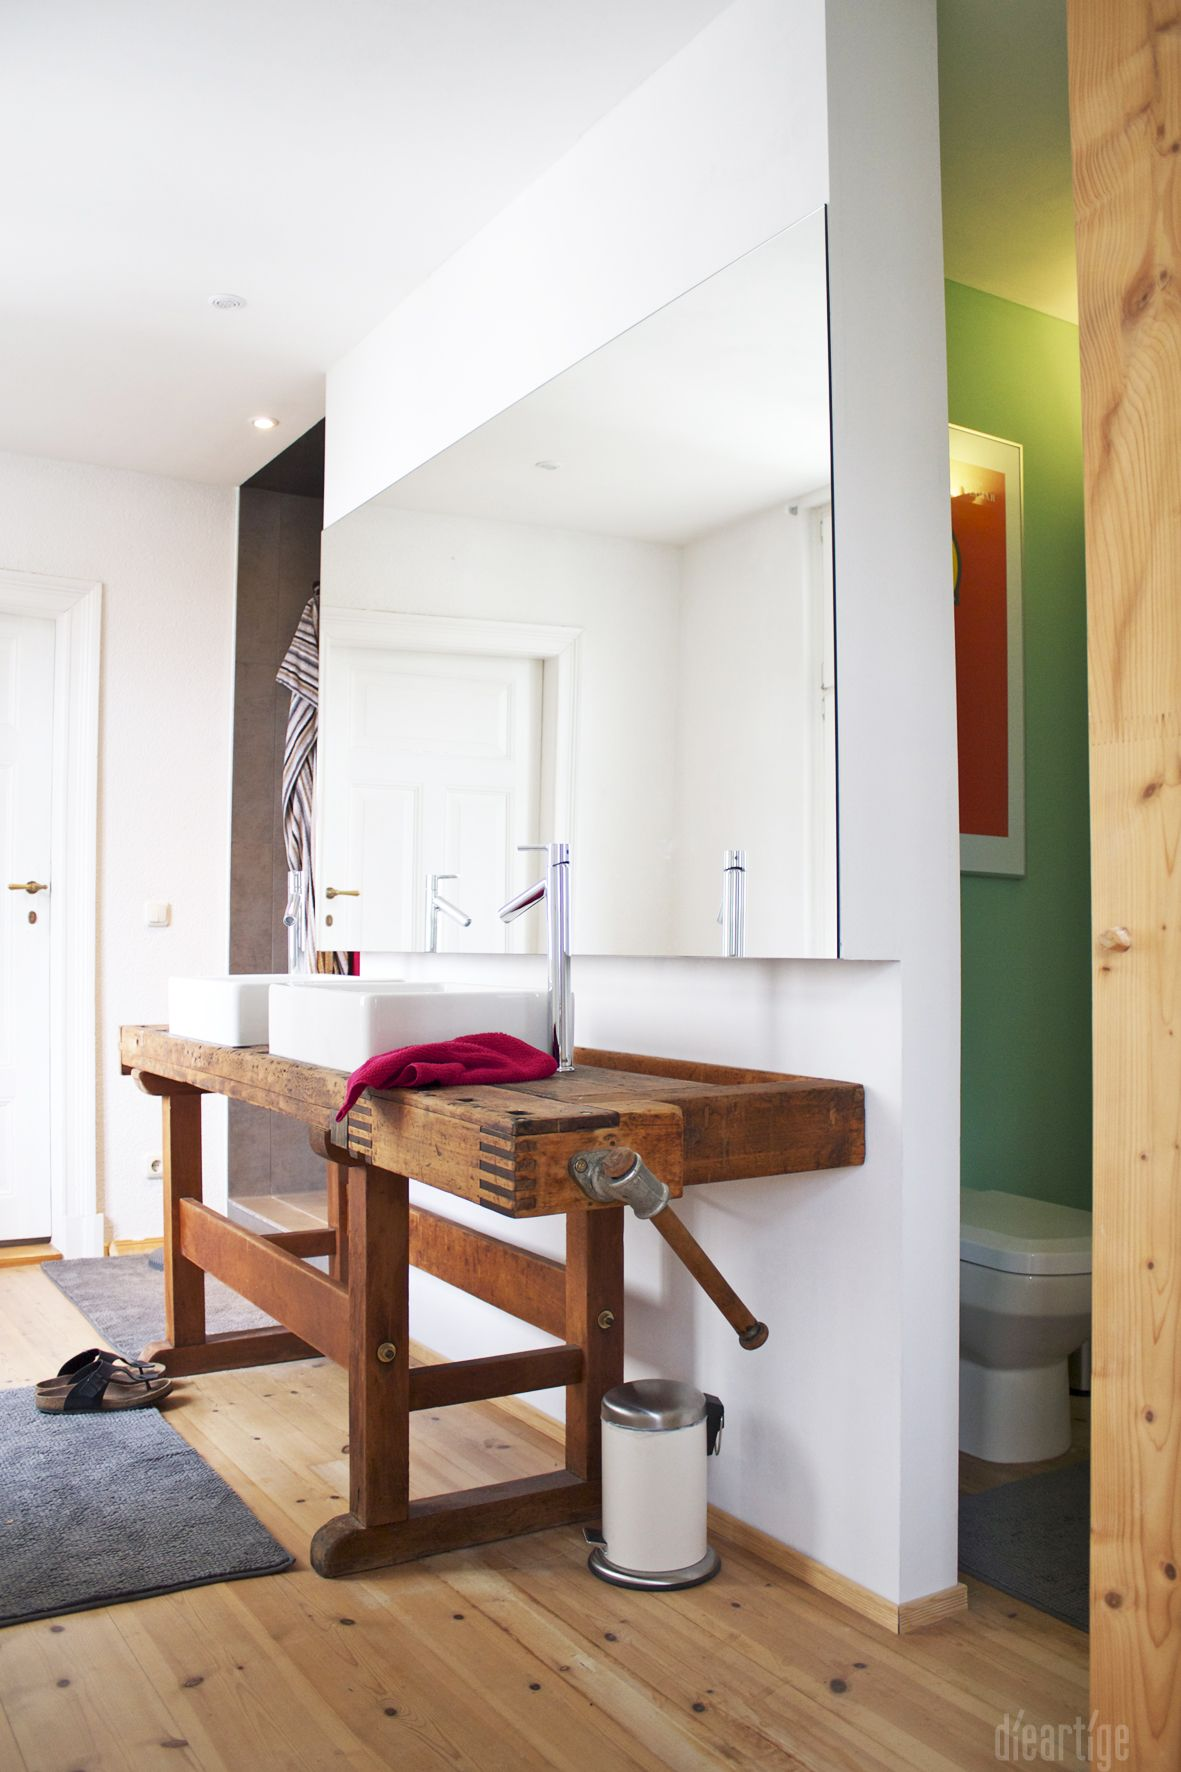 Dieartigeumbau Familie F Badezimmer Alte Werkbank Als Waschtisch Aufsatzwaschtische Holzboden Wc Nische Badezimmer Alte Werkbank Gaste Wc Mobel